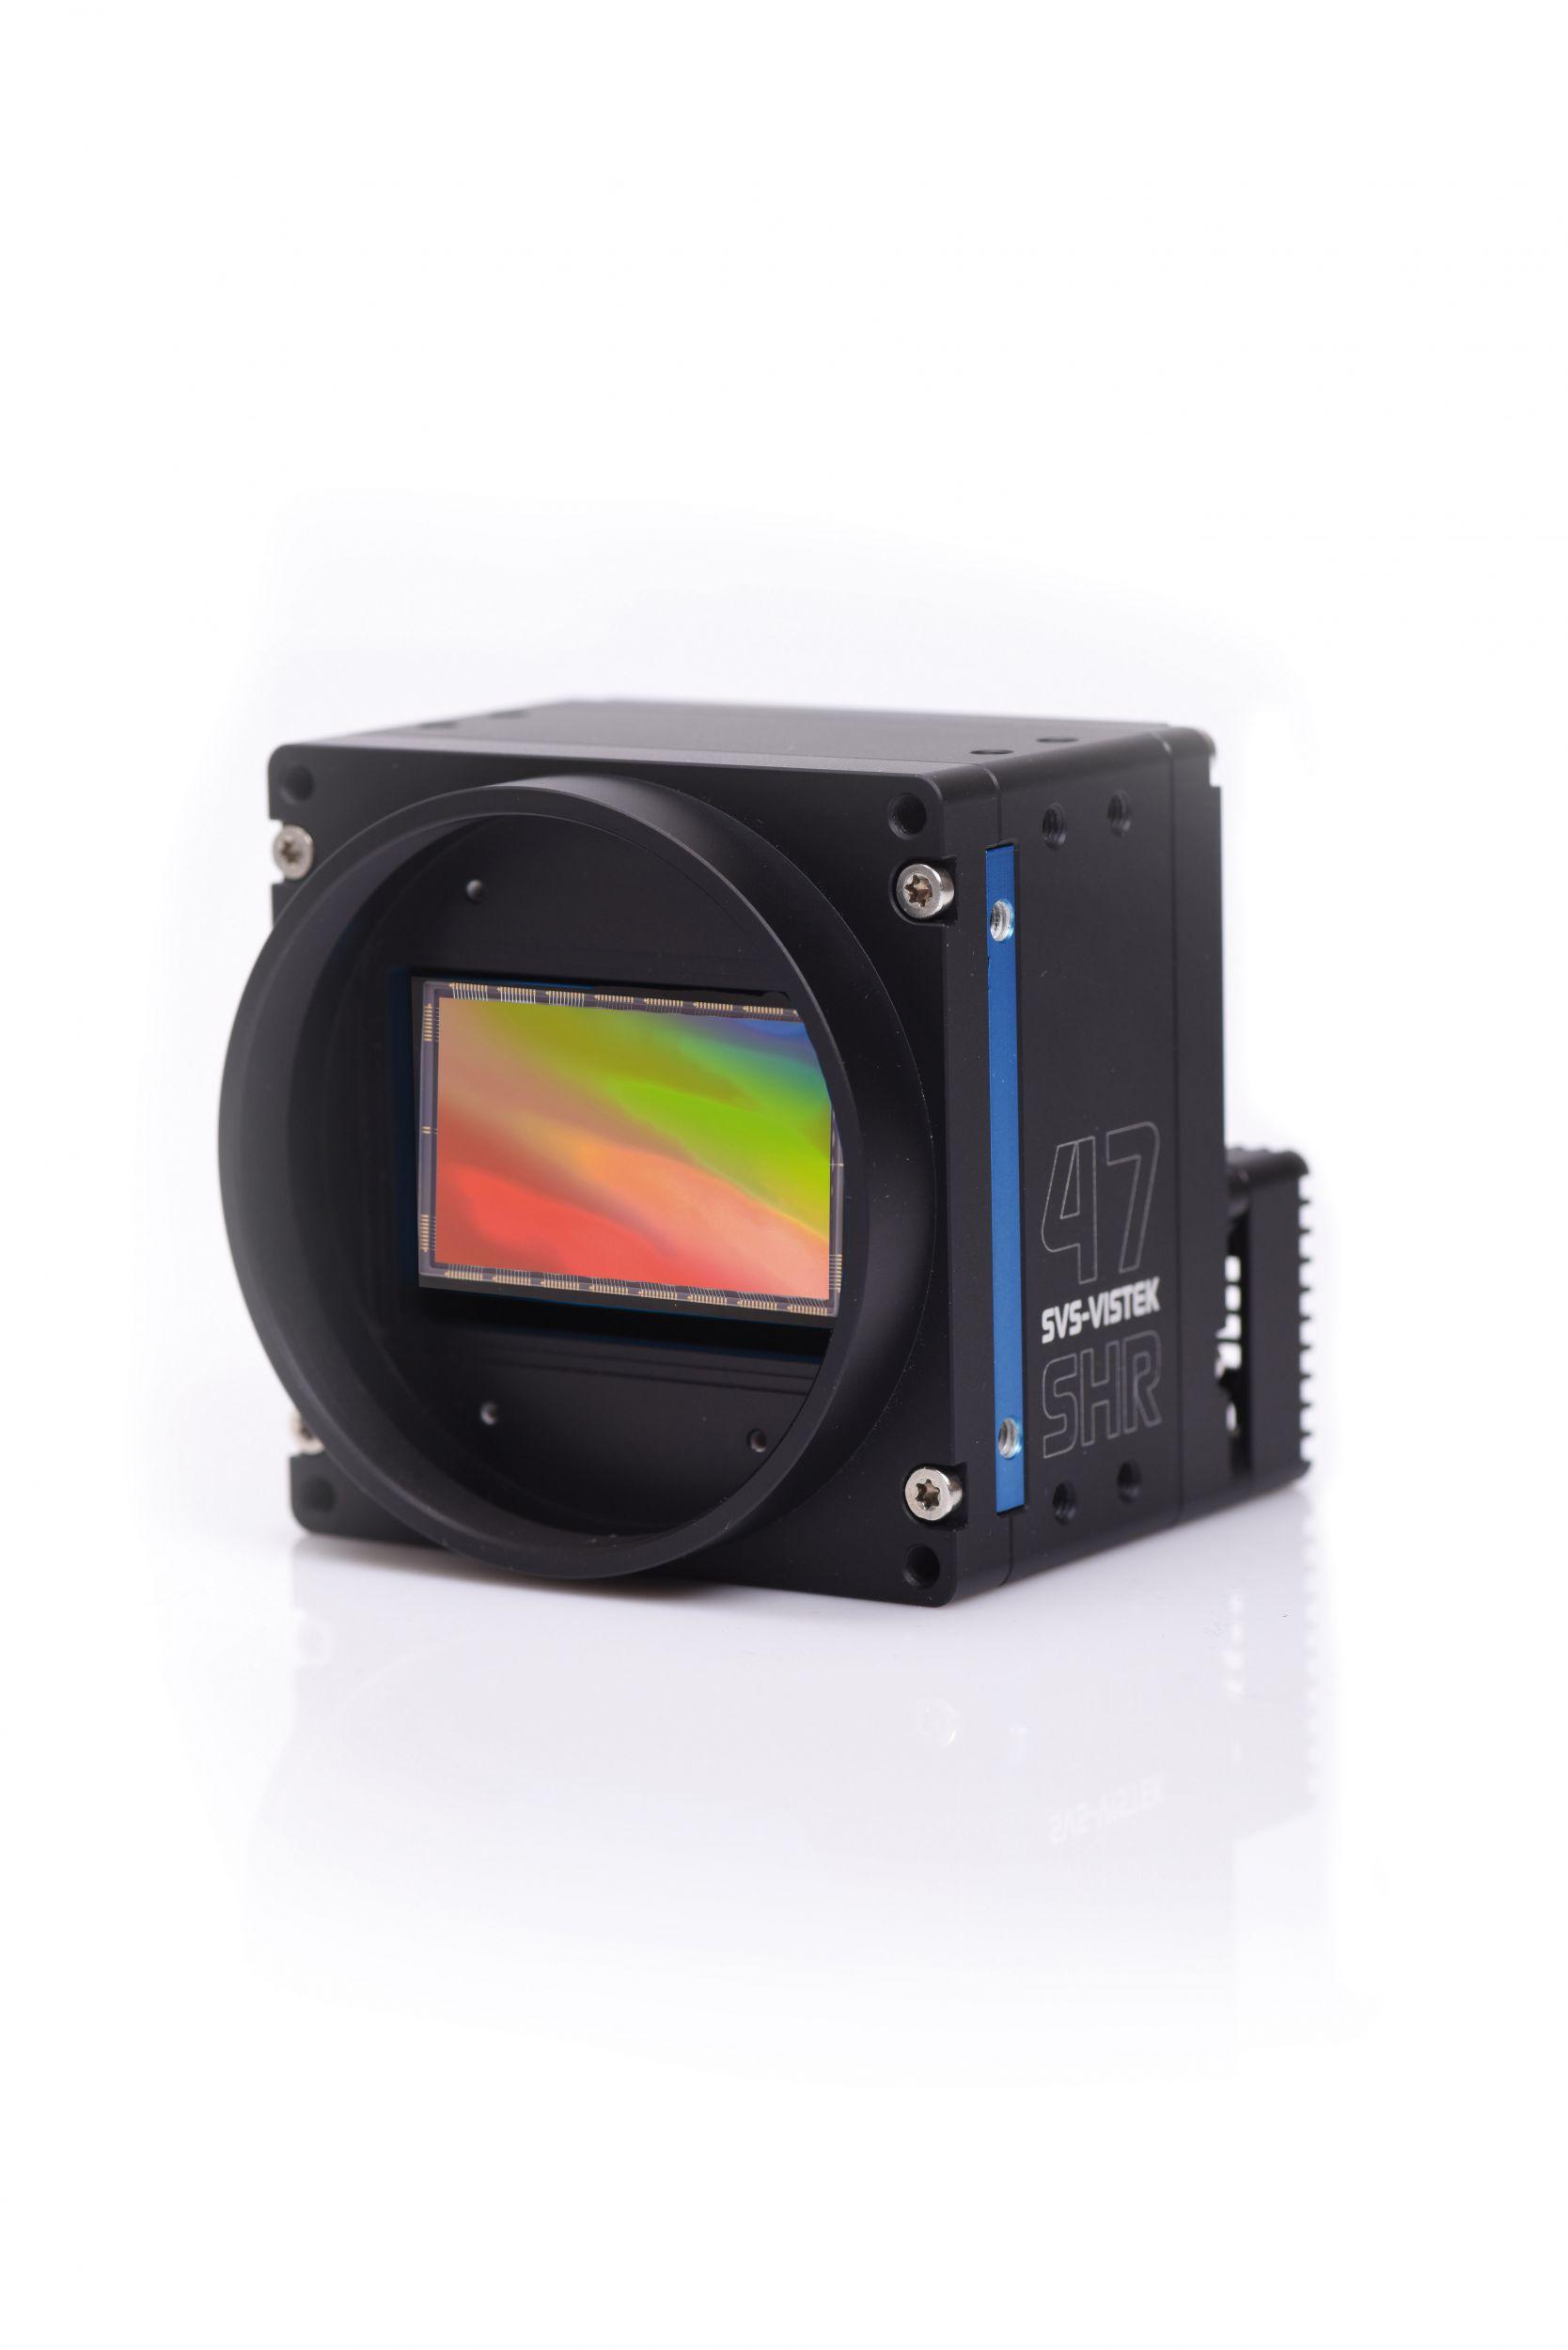 47MP-CCD-Kamera für High-End-Anwendungen